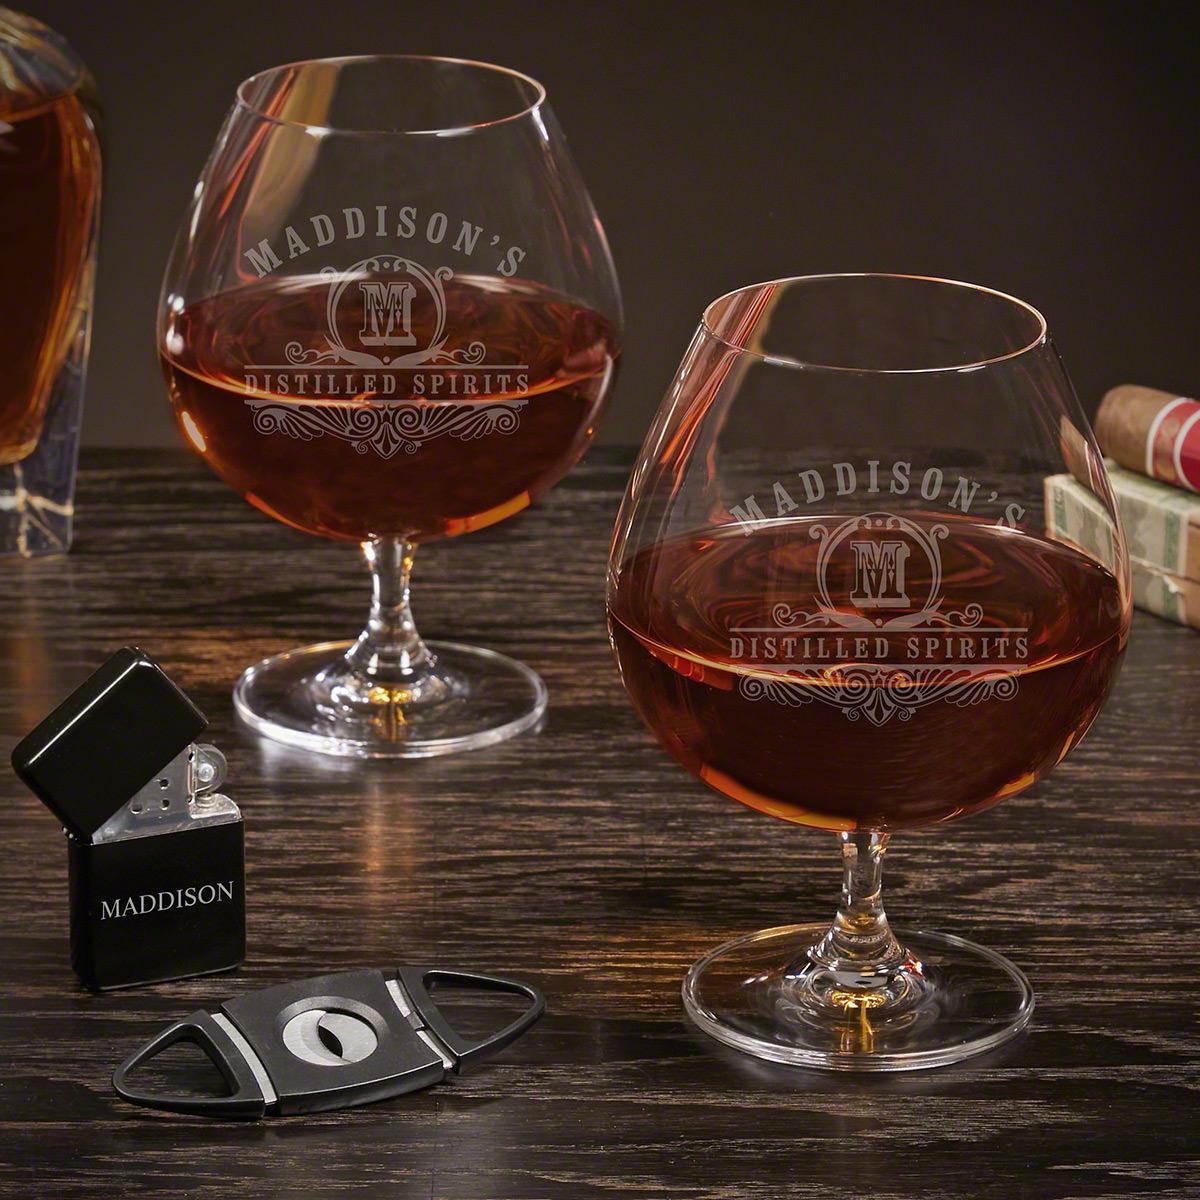 Carraway Custom Grand Cognac Gift Set